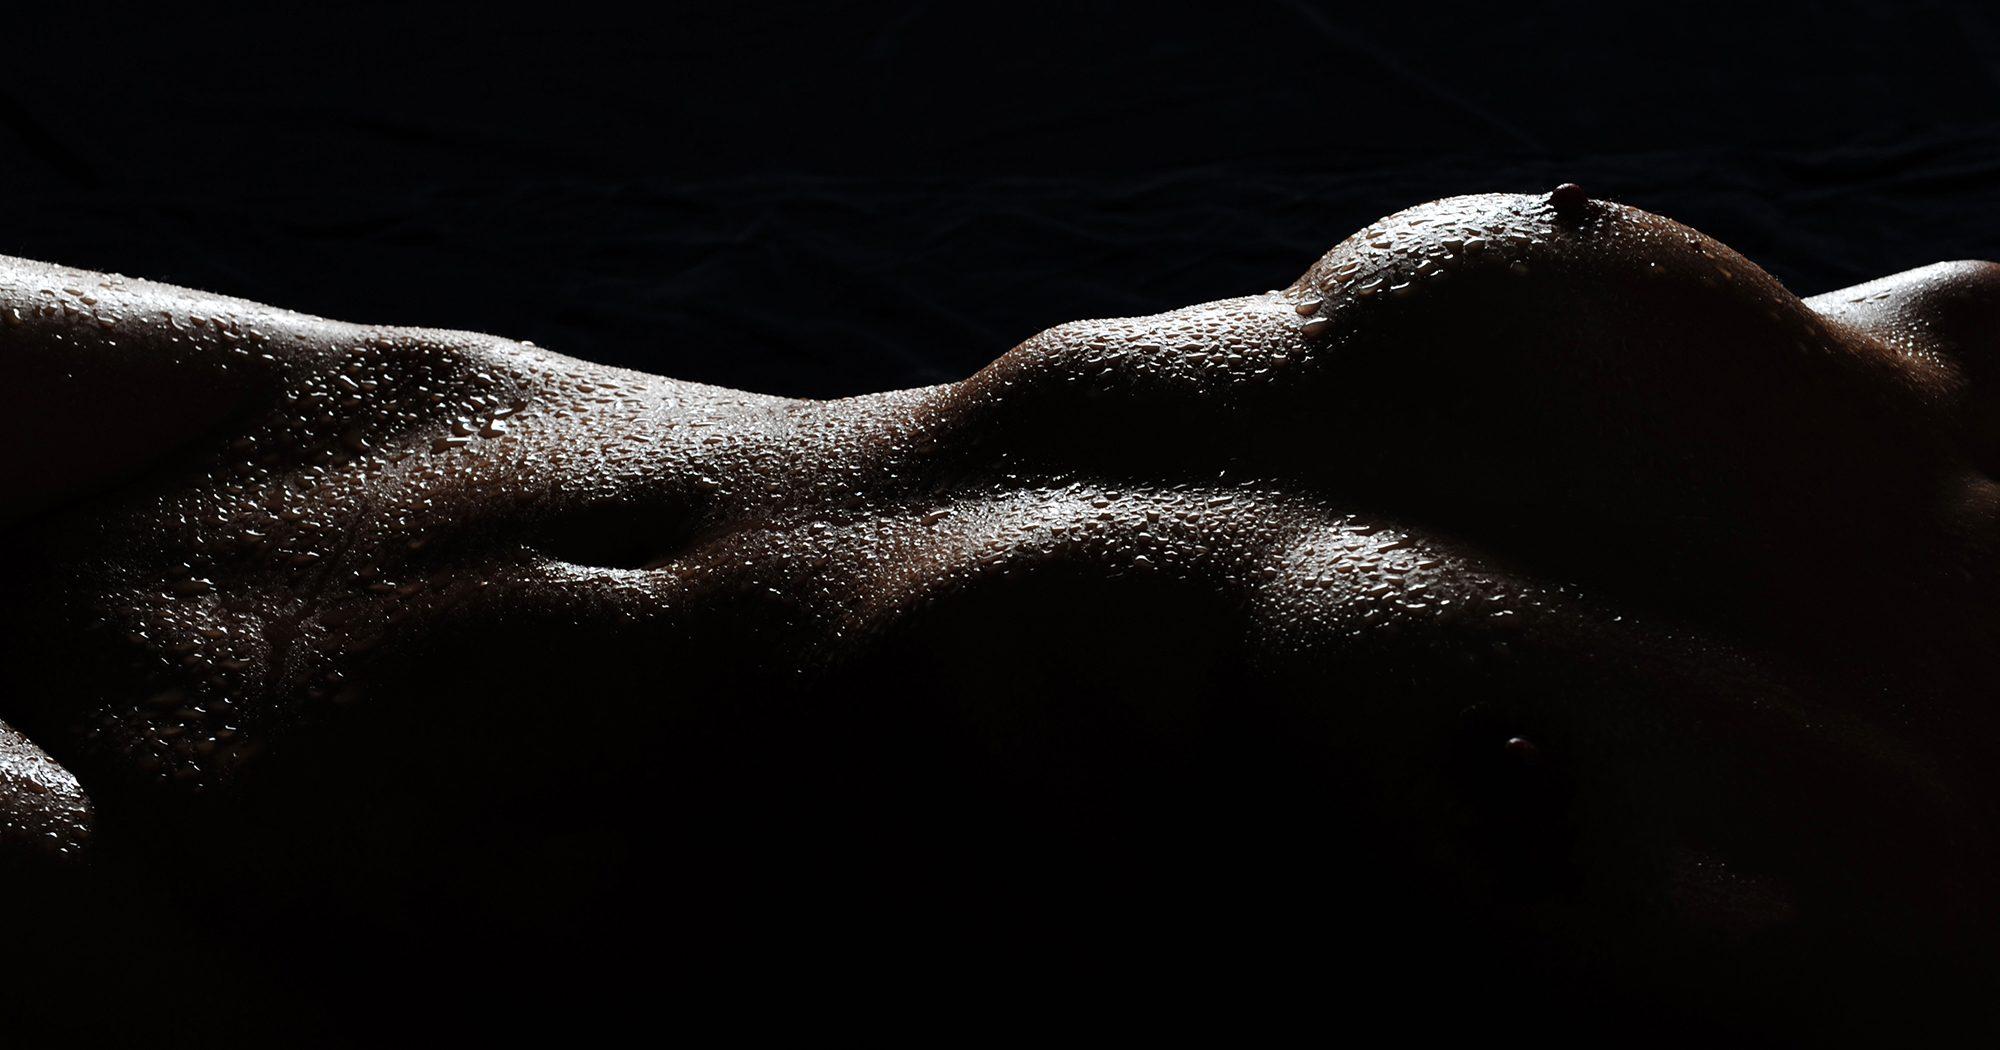 Akt Fotoshooting -Aktfotografie für Frauen, Männer und Paare